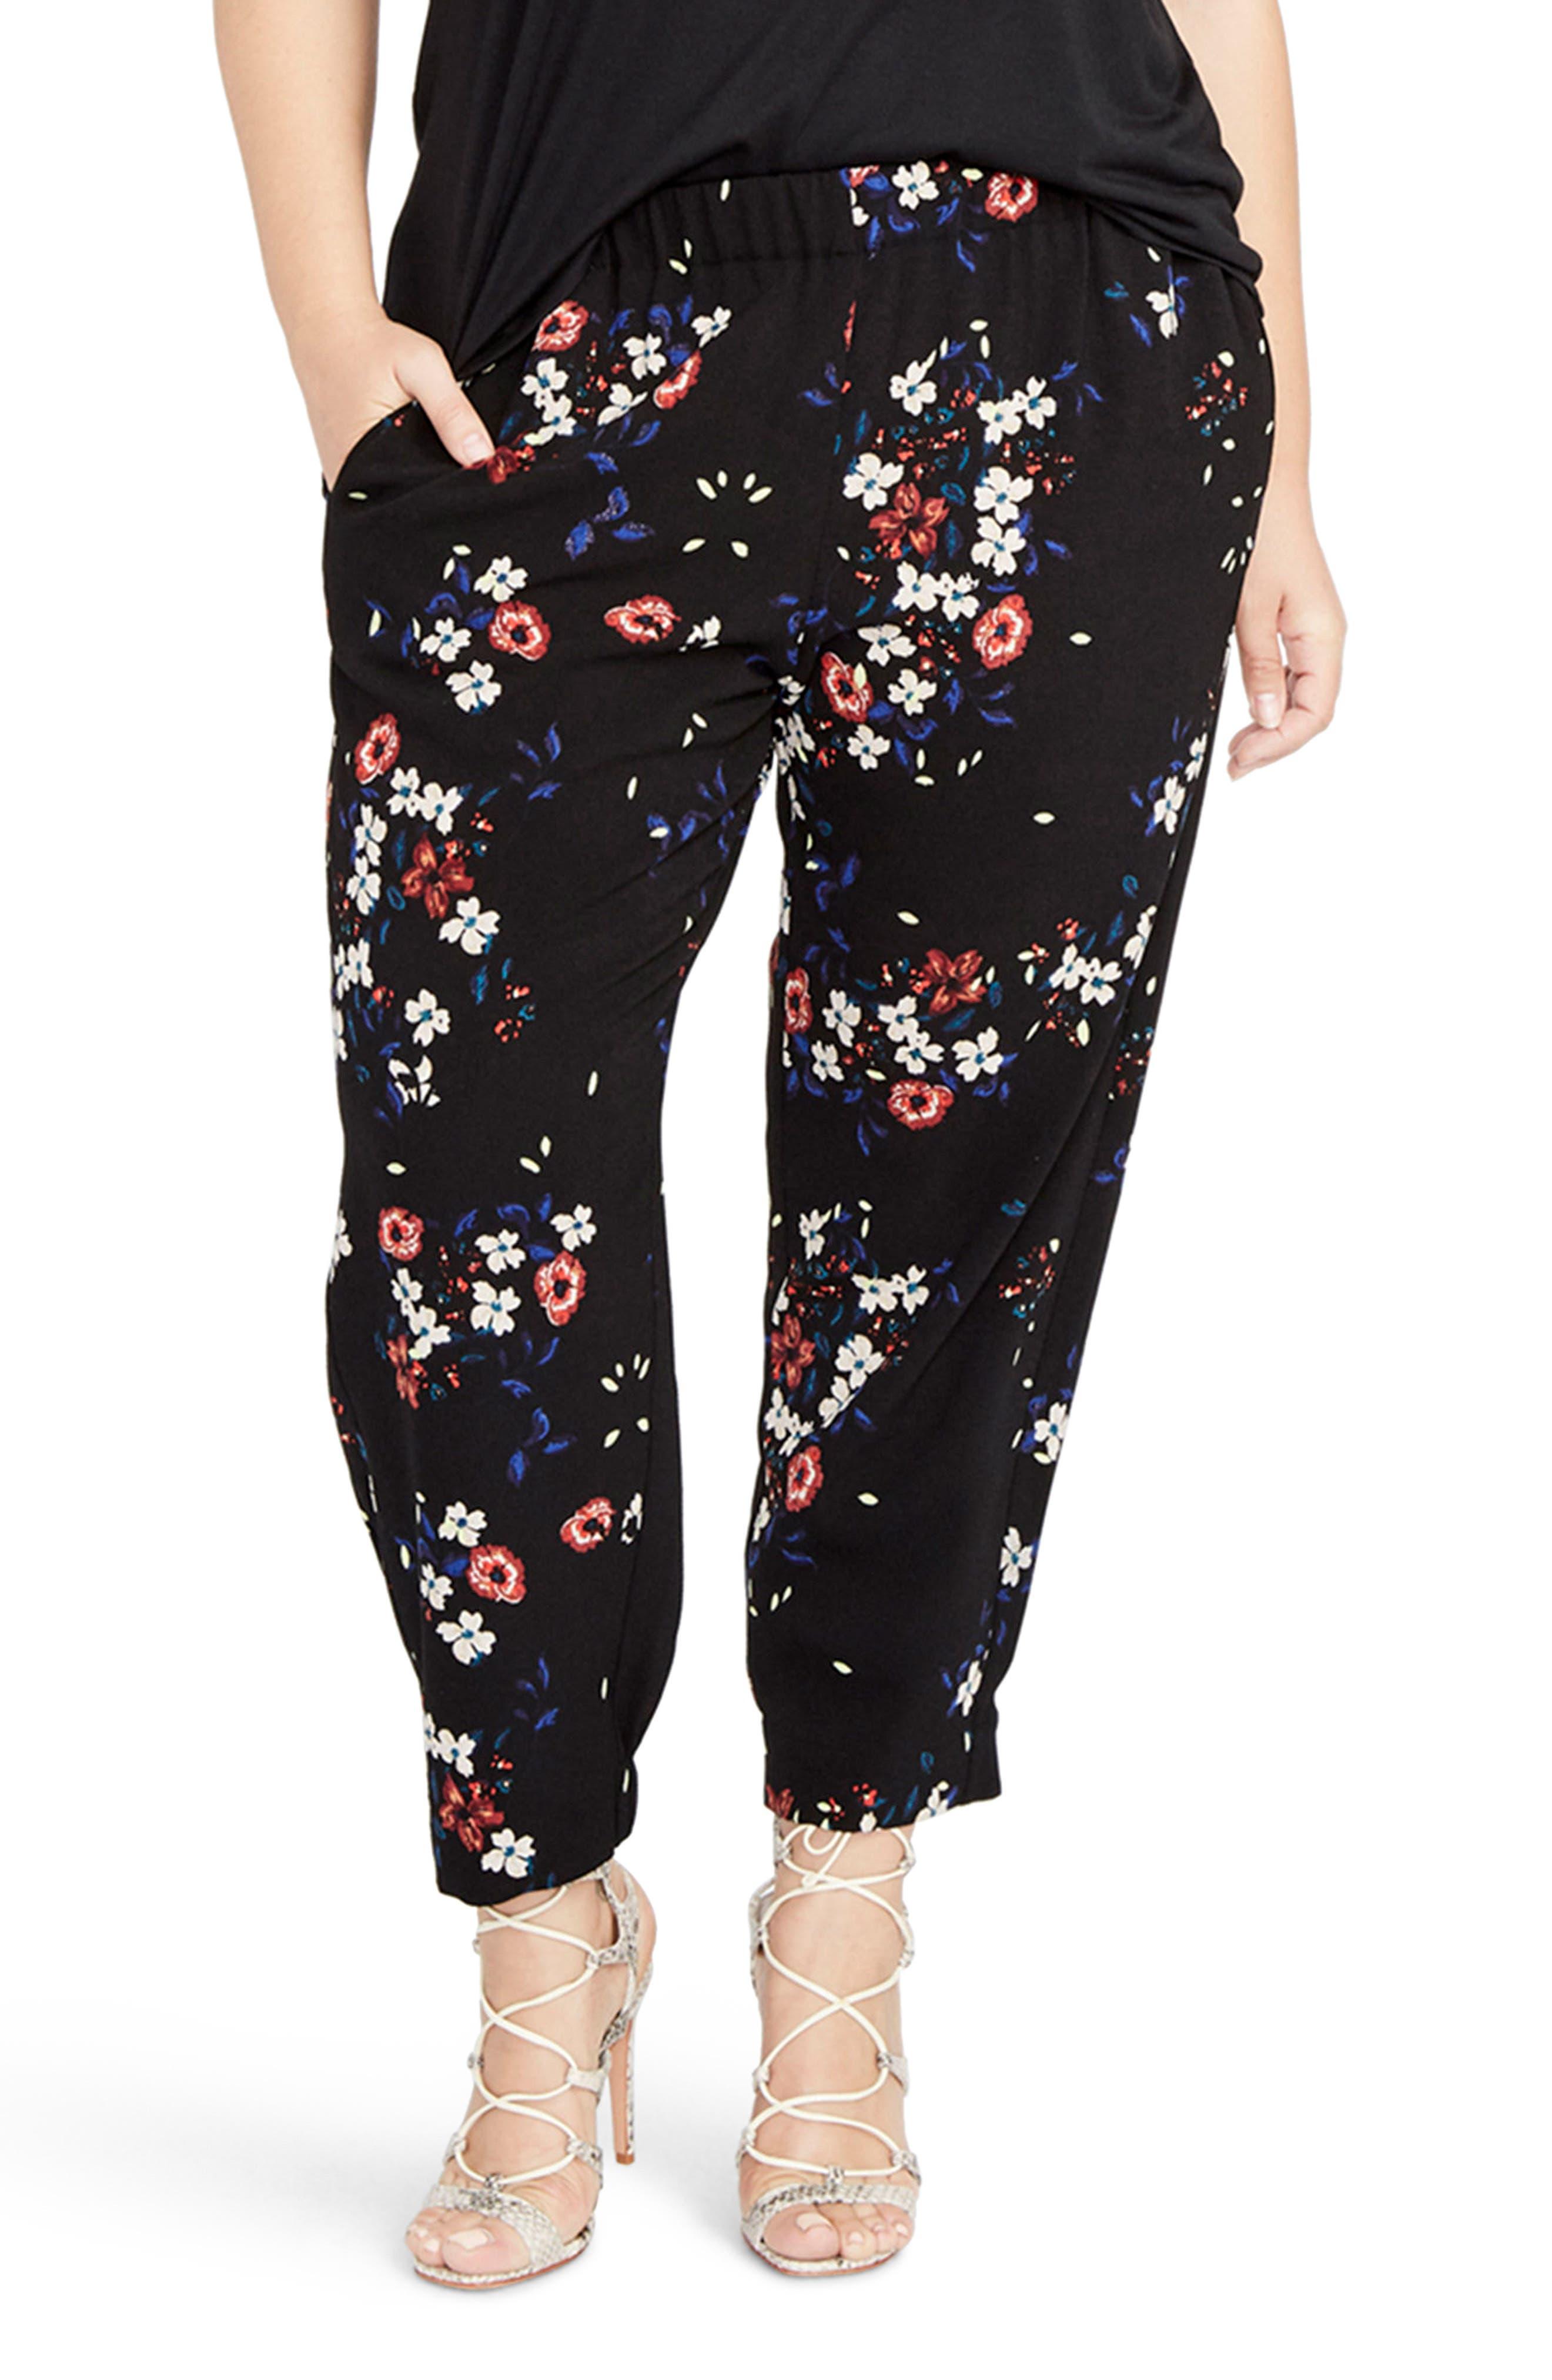 Alternate Image 1 Selected - RACHEL Rachel Roy Floral Jogger Pants (Plus Size)